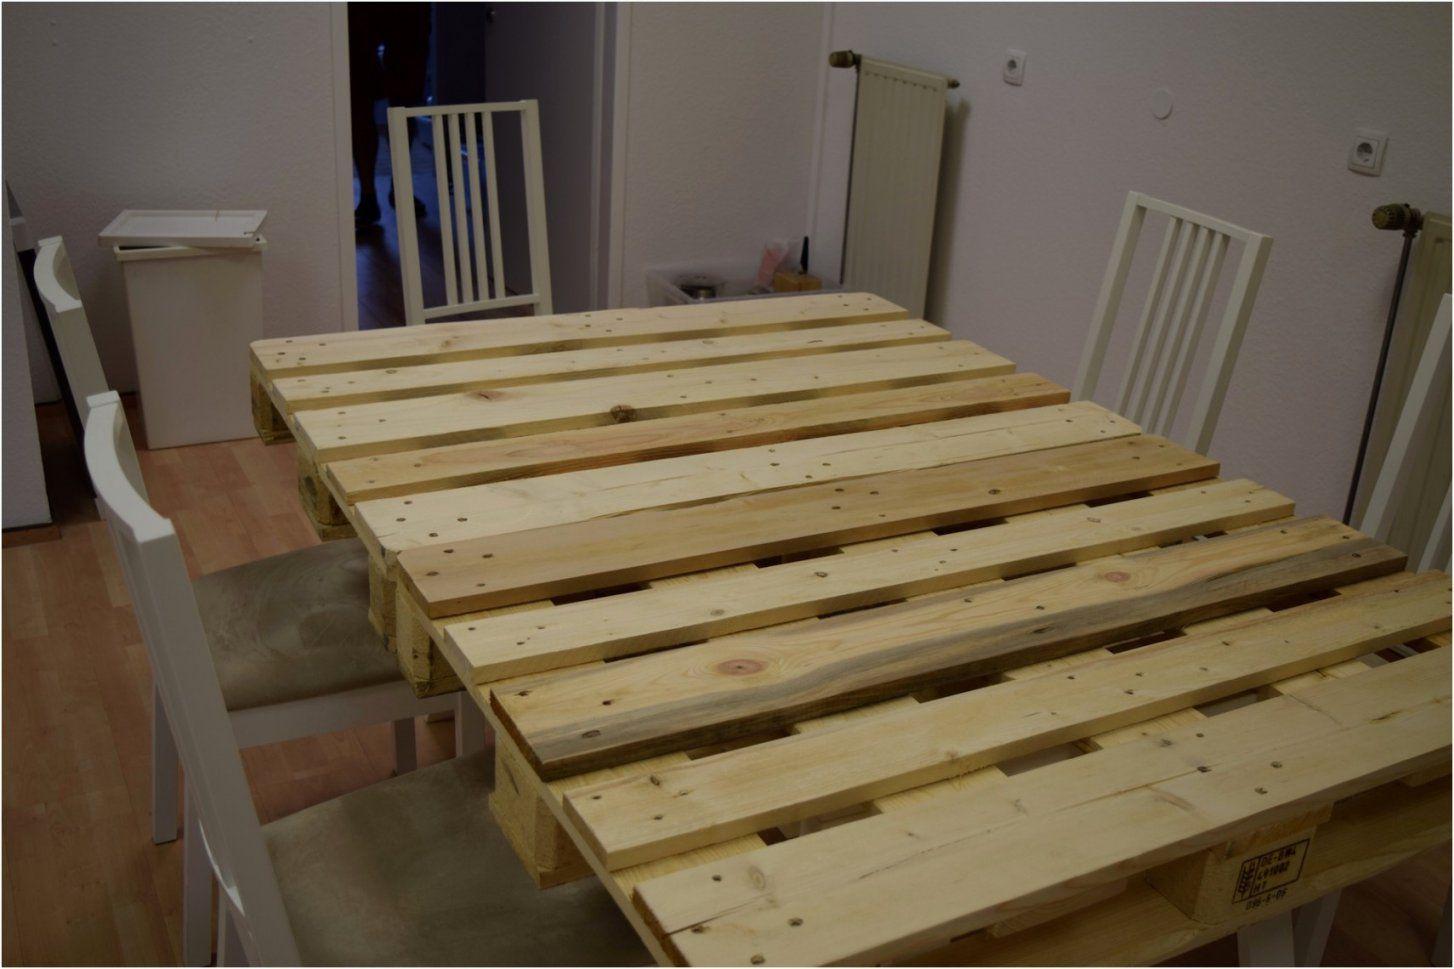 Beliebt Tisch Aus Paletten Bauen Genial Palettentisch Bauen Esstisch von Esstisch Aus Paletten Bauanleitung Bild